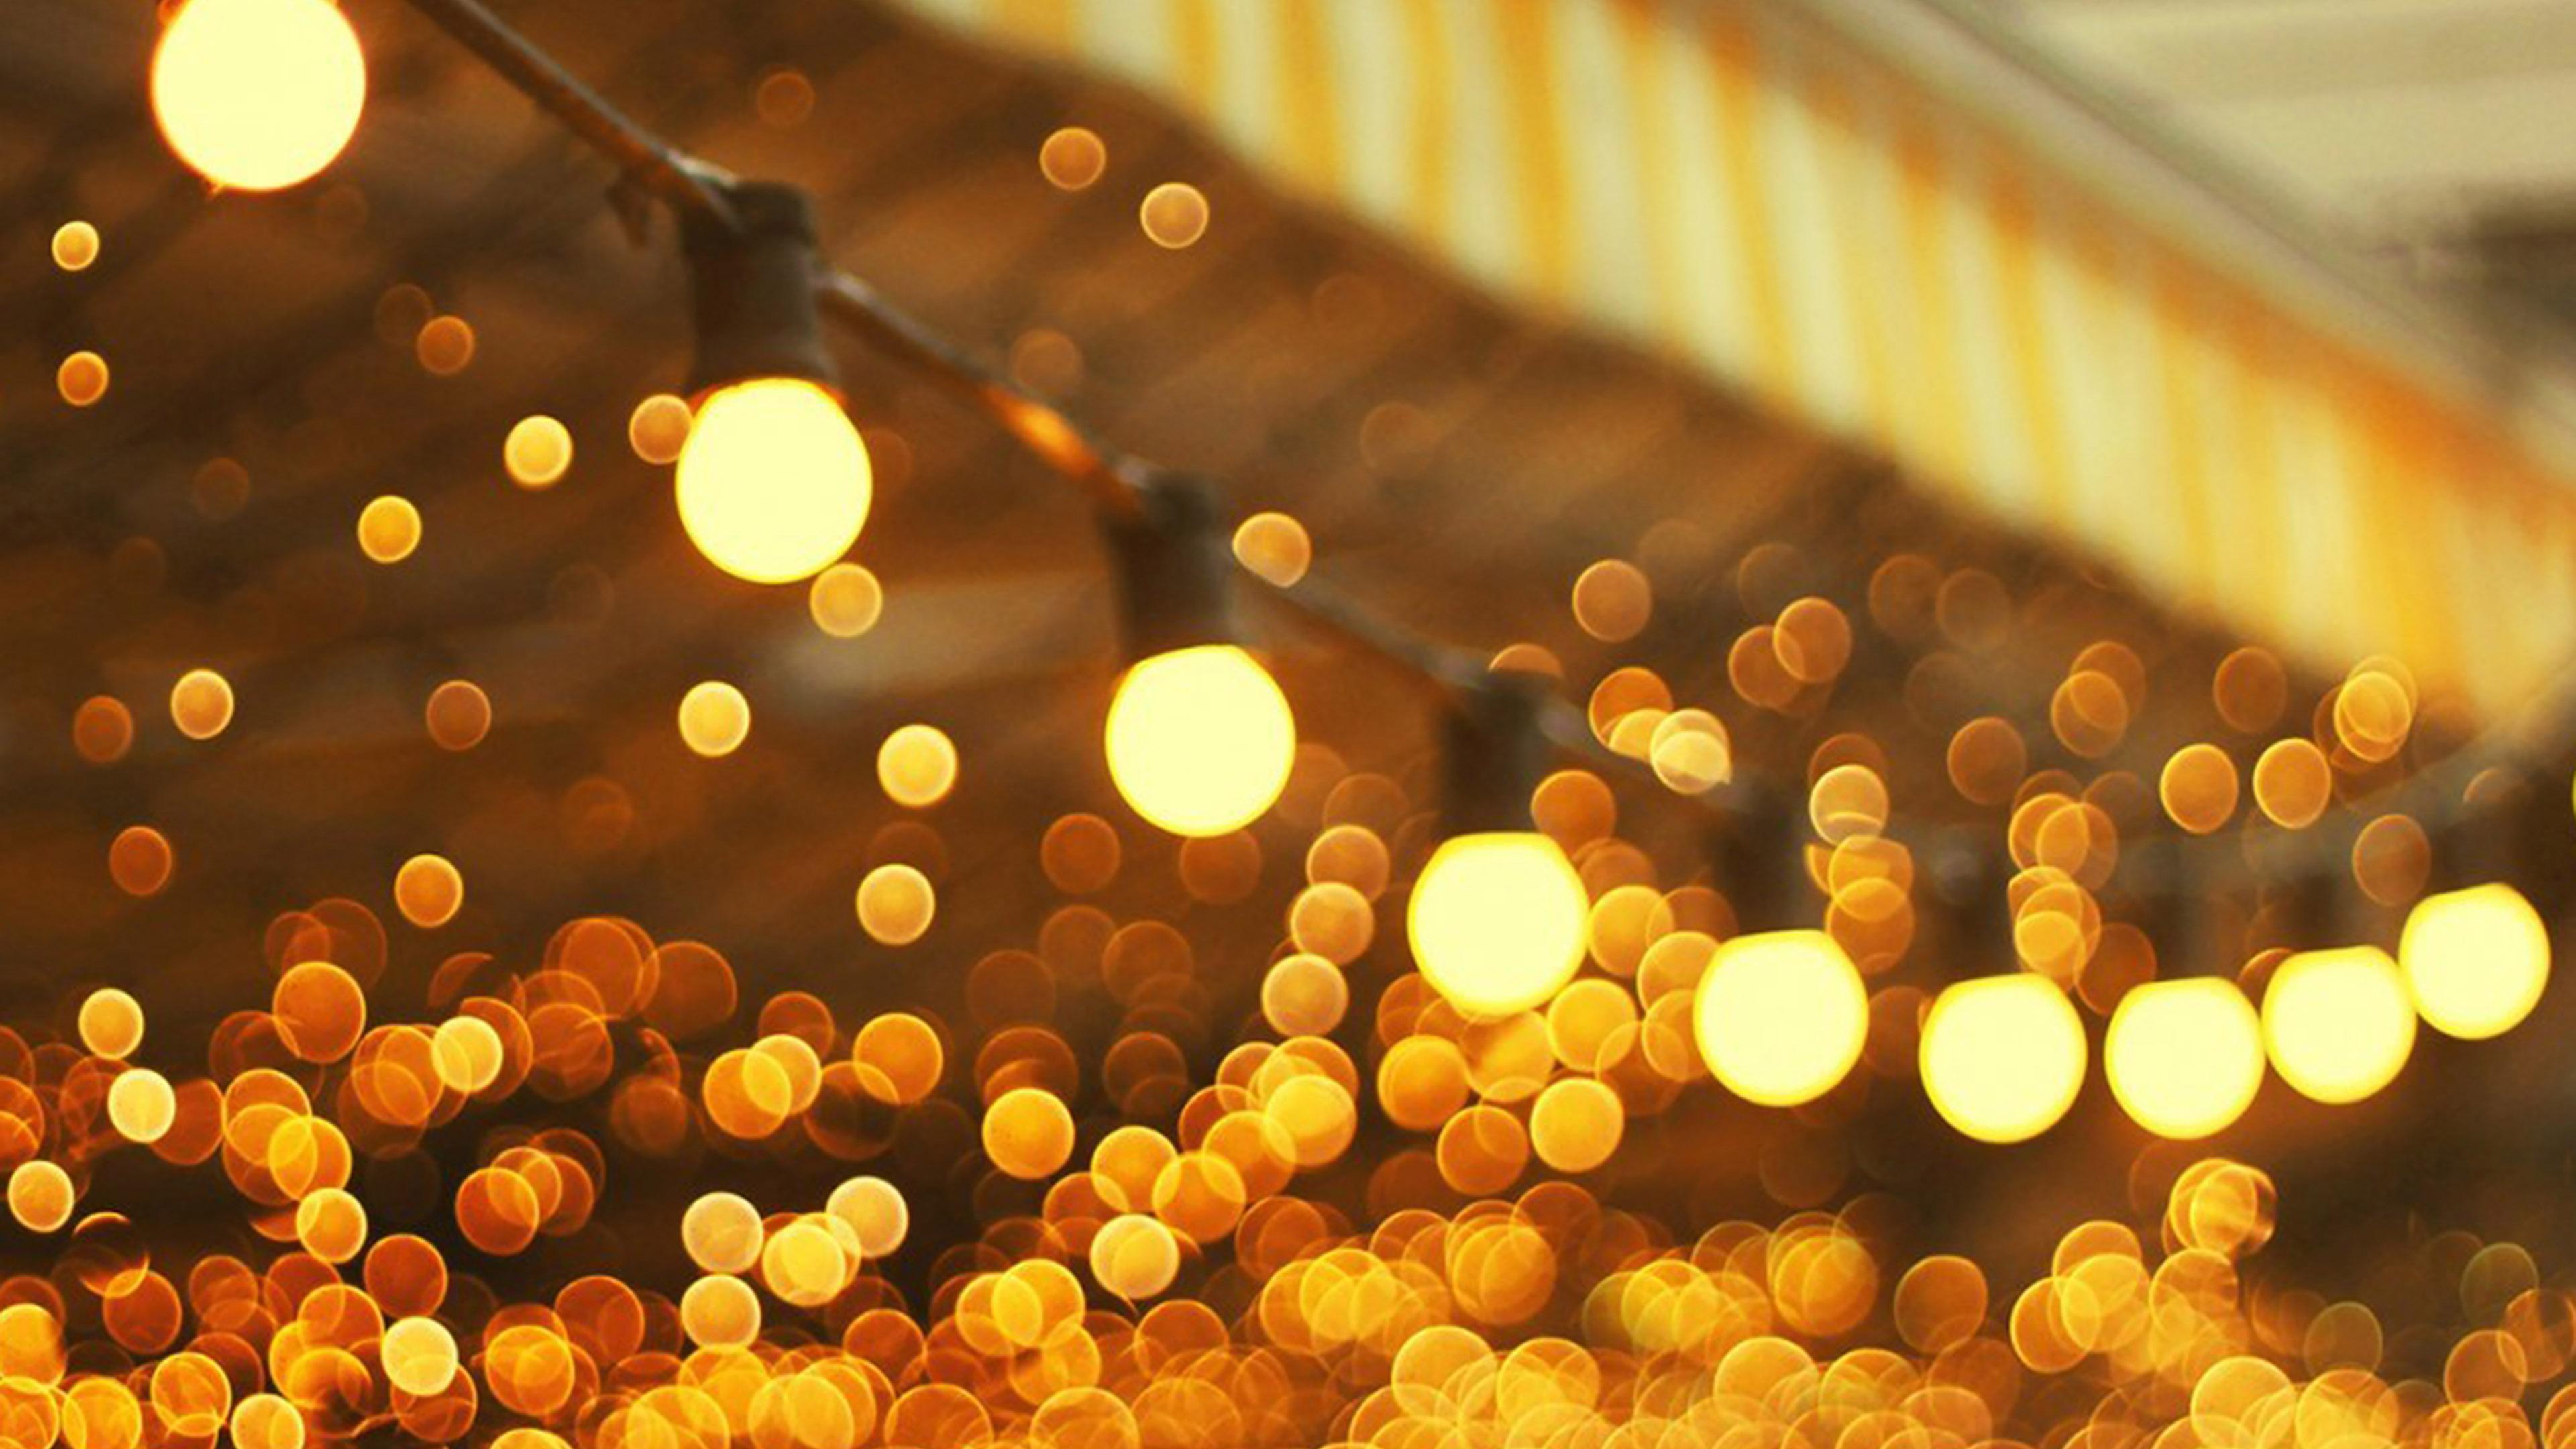 wallpaper for desktop, laptop | mj17-city-light-bulbs ...